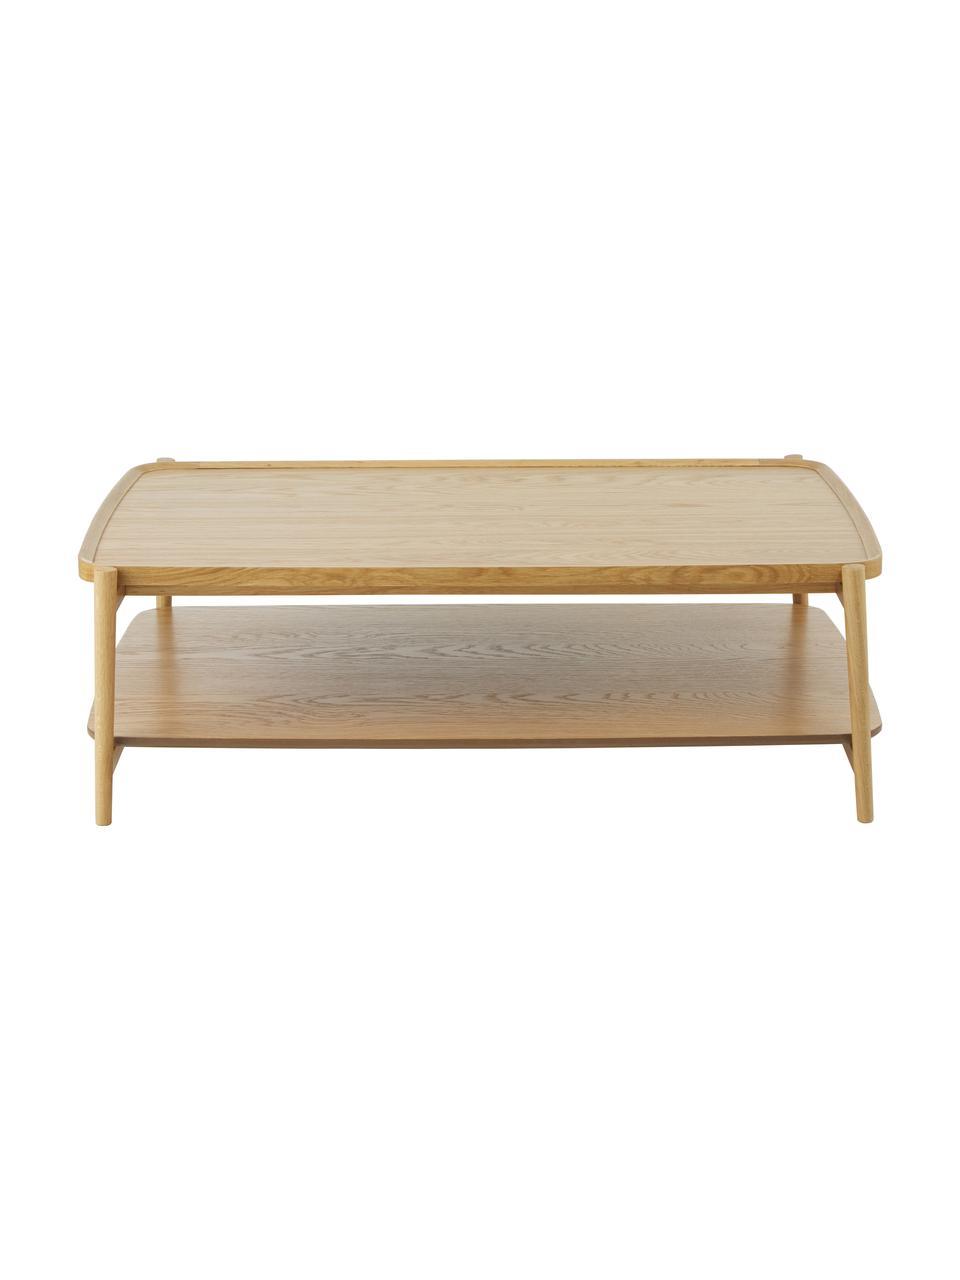 Stolik kawowy z drewna dębowego Libby, Stelaż: lite drewno dębowe, lakie, Jasny brązowy, S 110 x W 35 cm